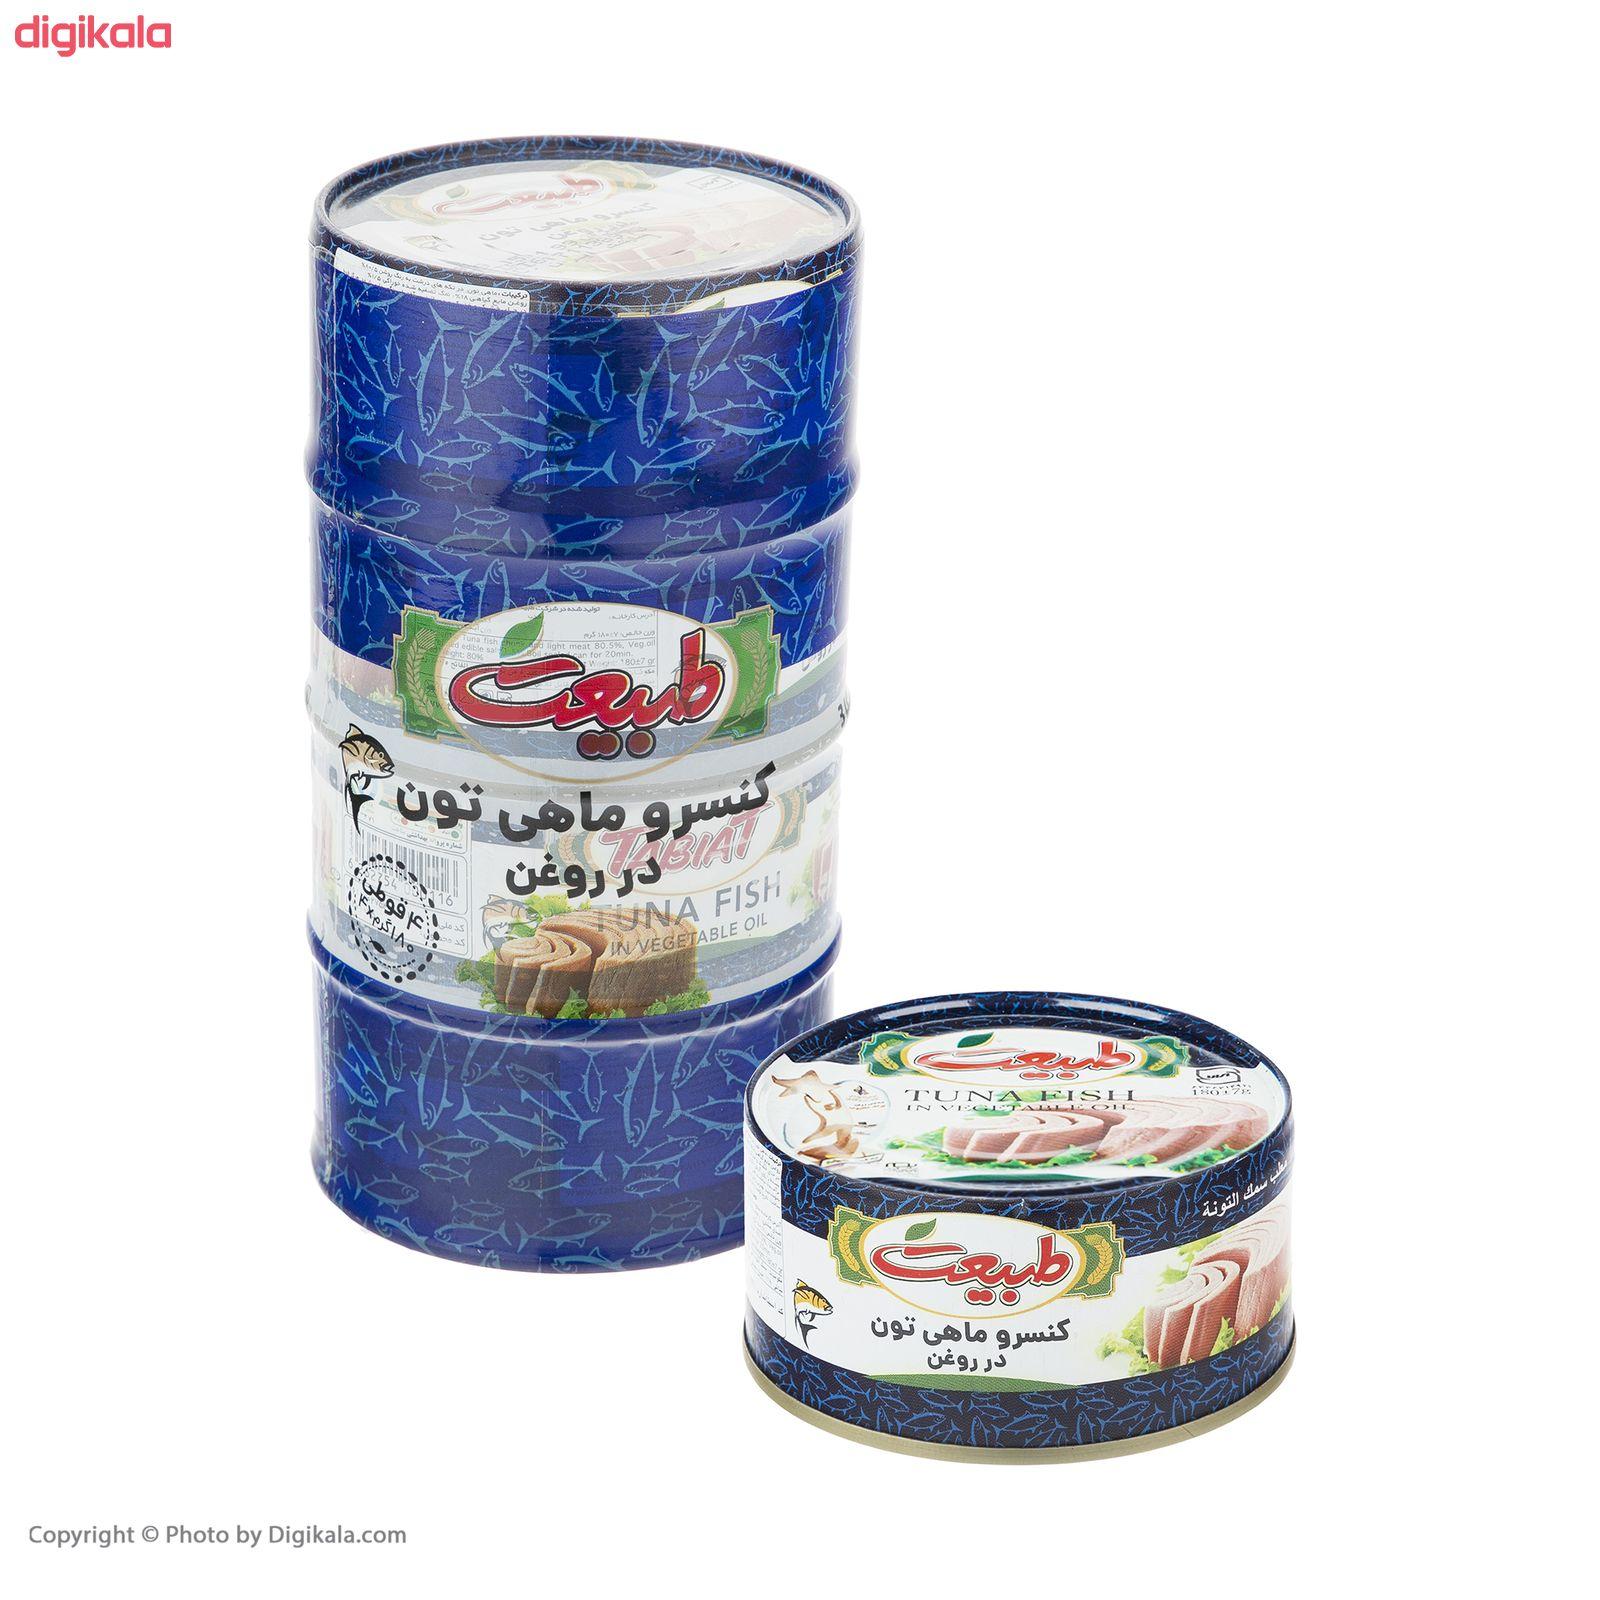 کنسرو ماهی تون در روغن گیاهی طبیعت - 180 گرم بسته 4 عددی main 1 8